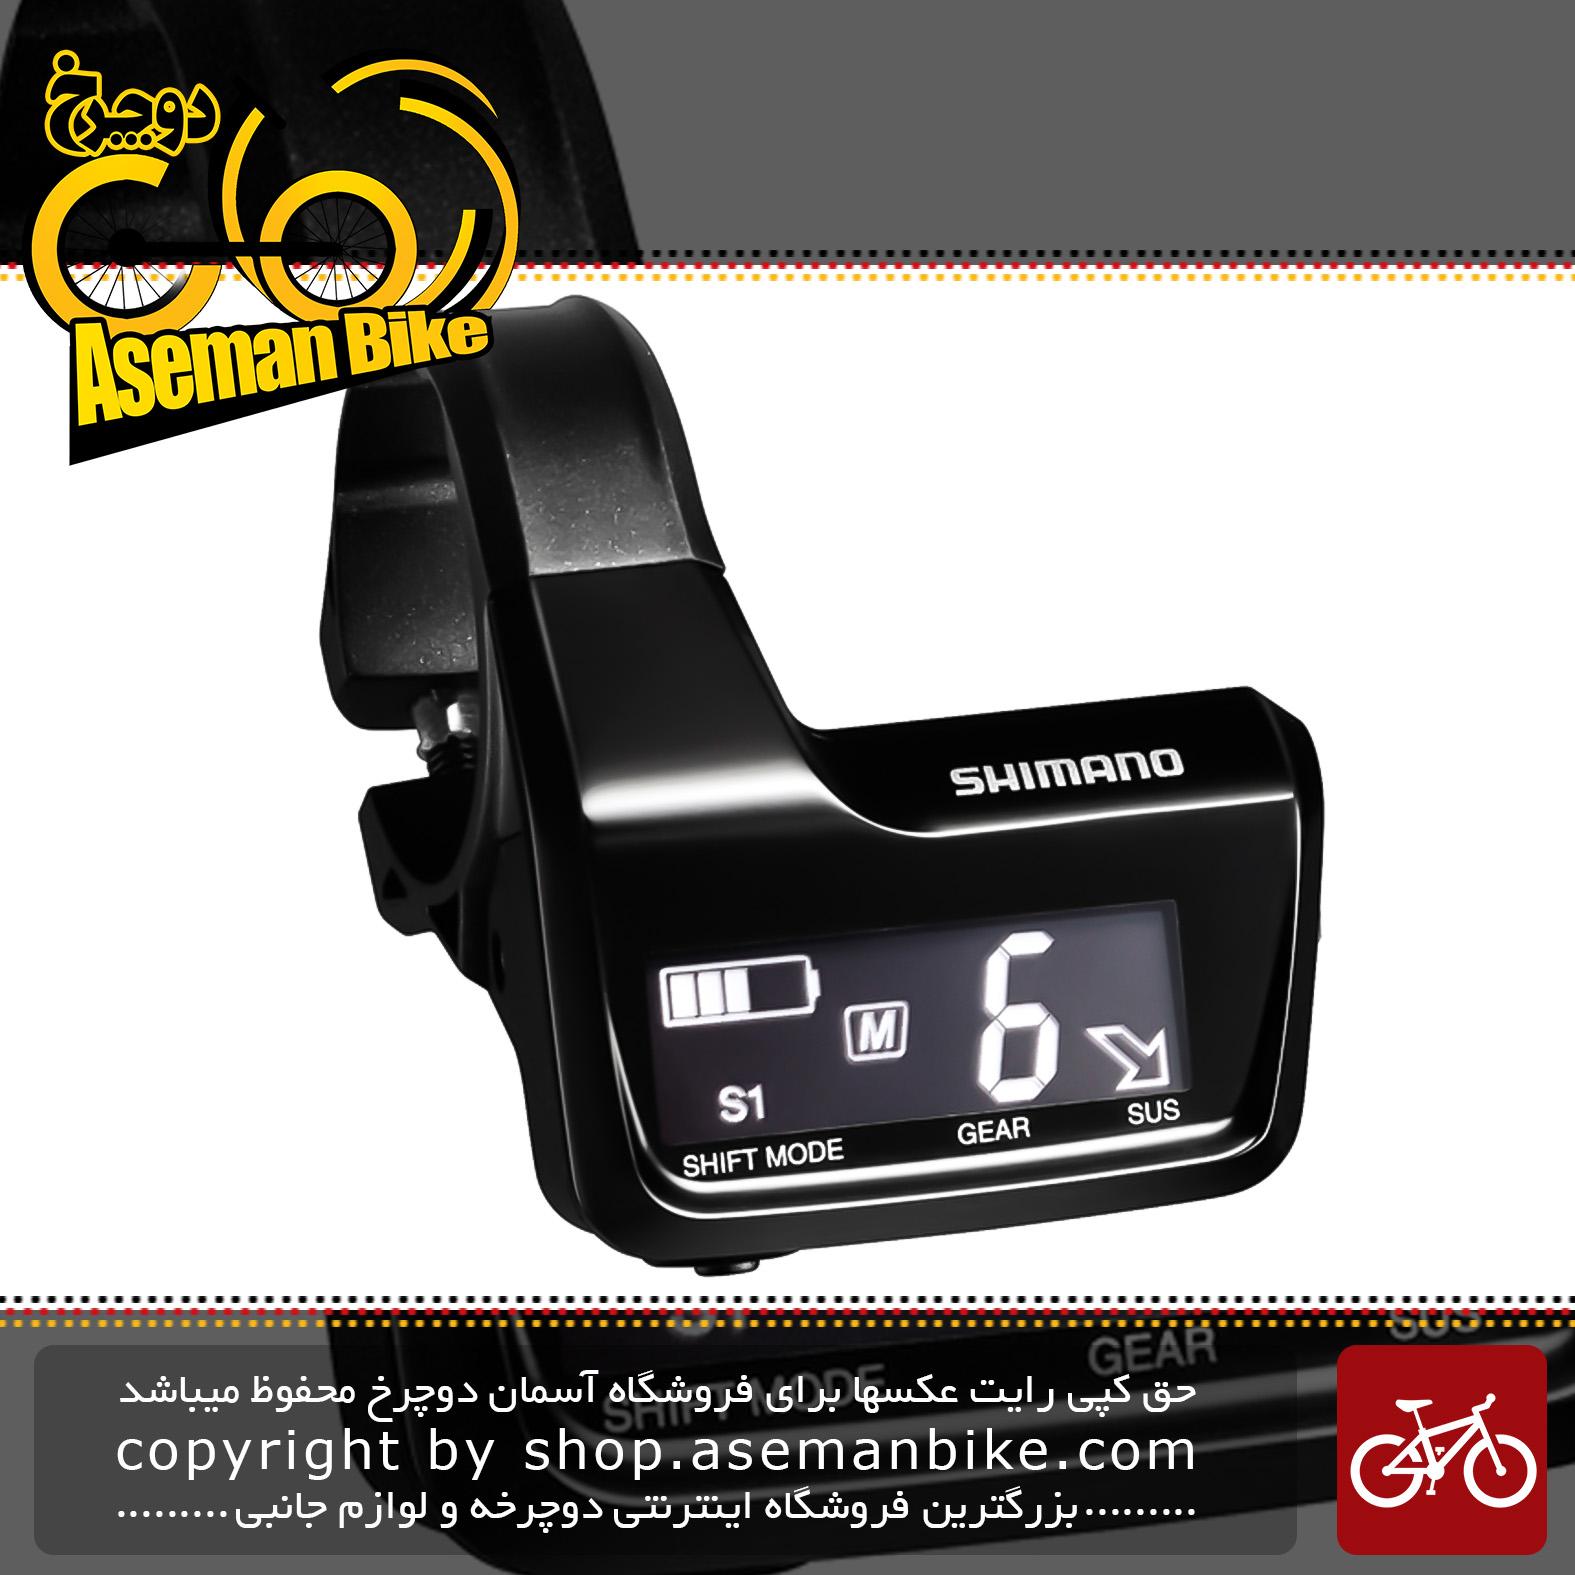 نمایشگر سیستم دنده برقی الکتریکی دوچرخه شیمانو ایکس تی ژاپن مدل اس سی ام 800 با جانکشن آی Shimano XT Di2 SC-M800 System Information Display Unit Junction A